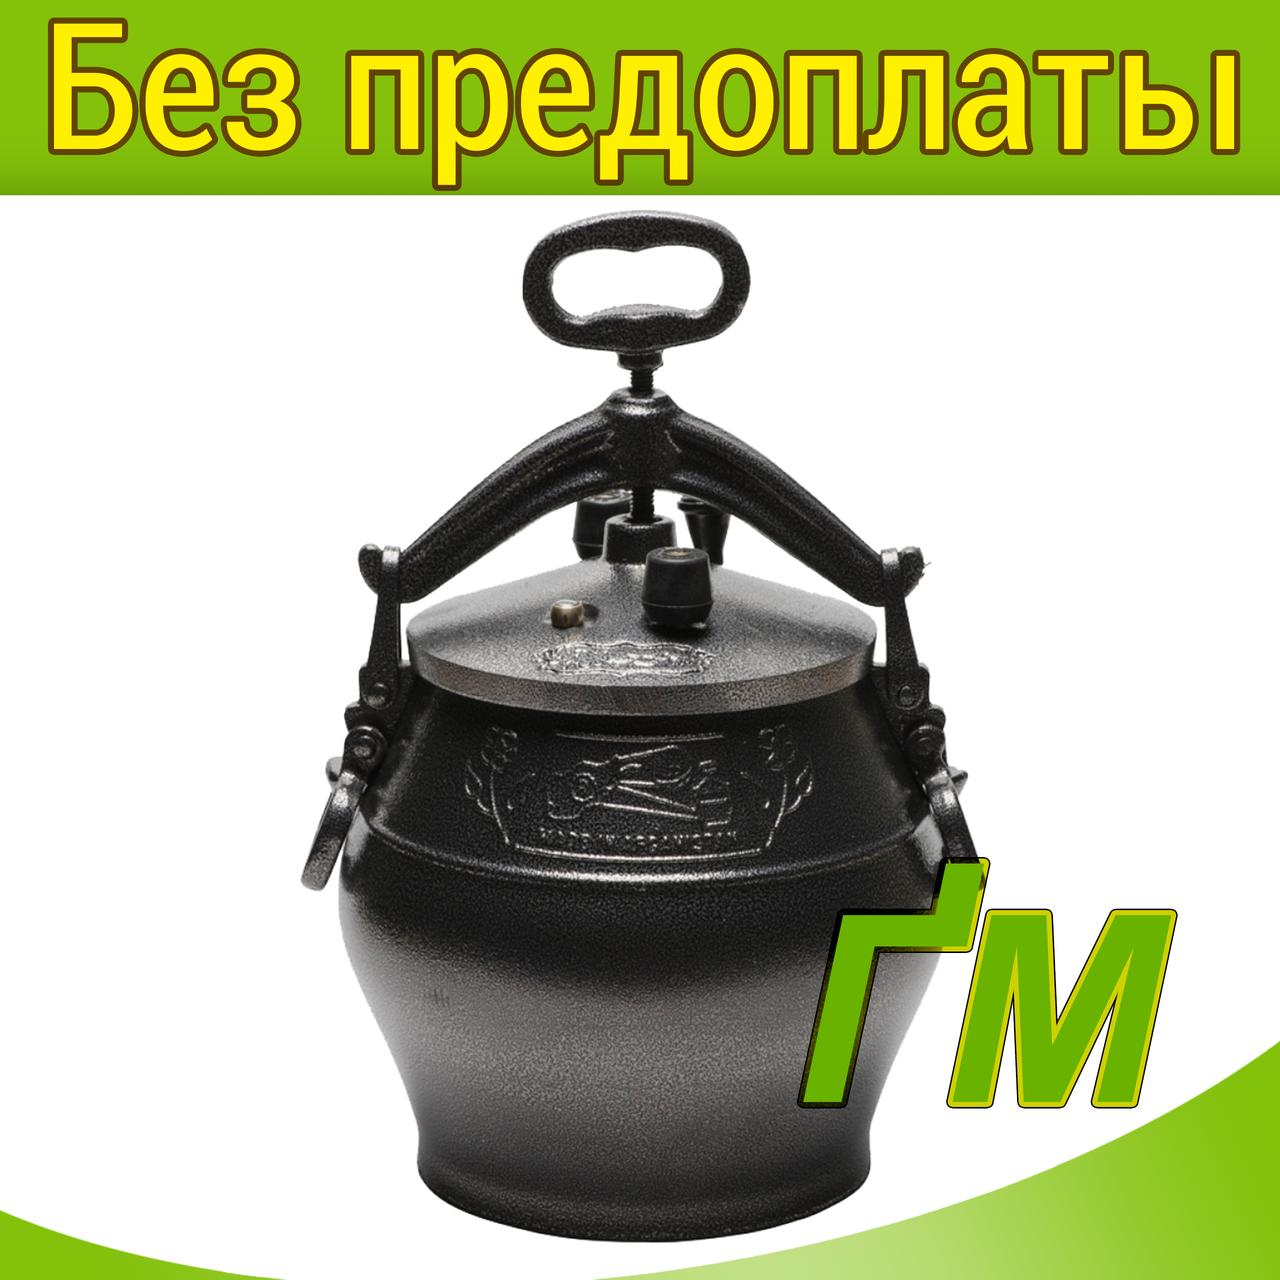 Казан азіатський, 6 л.